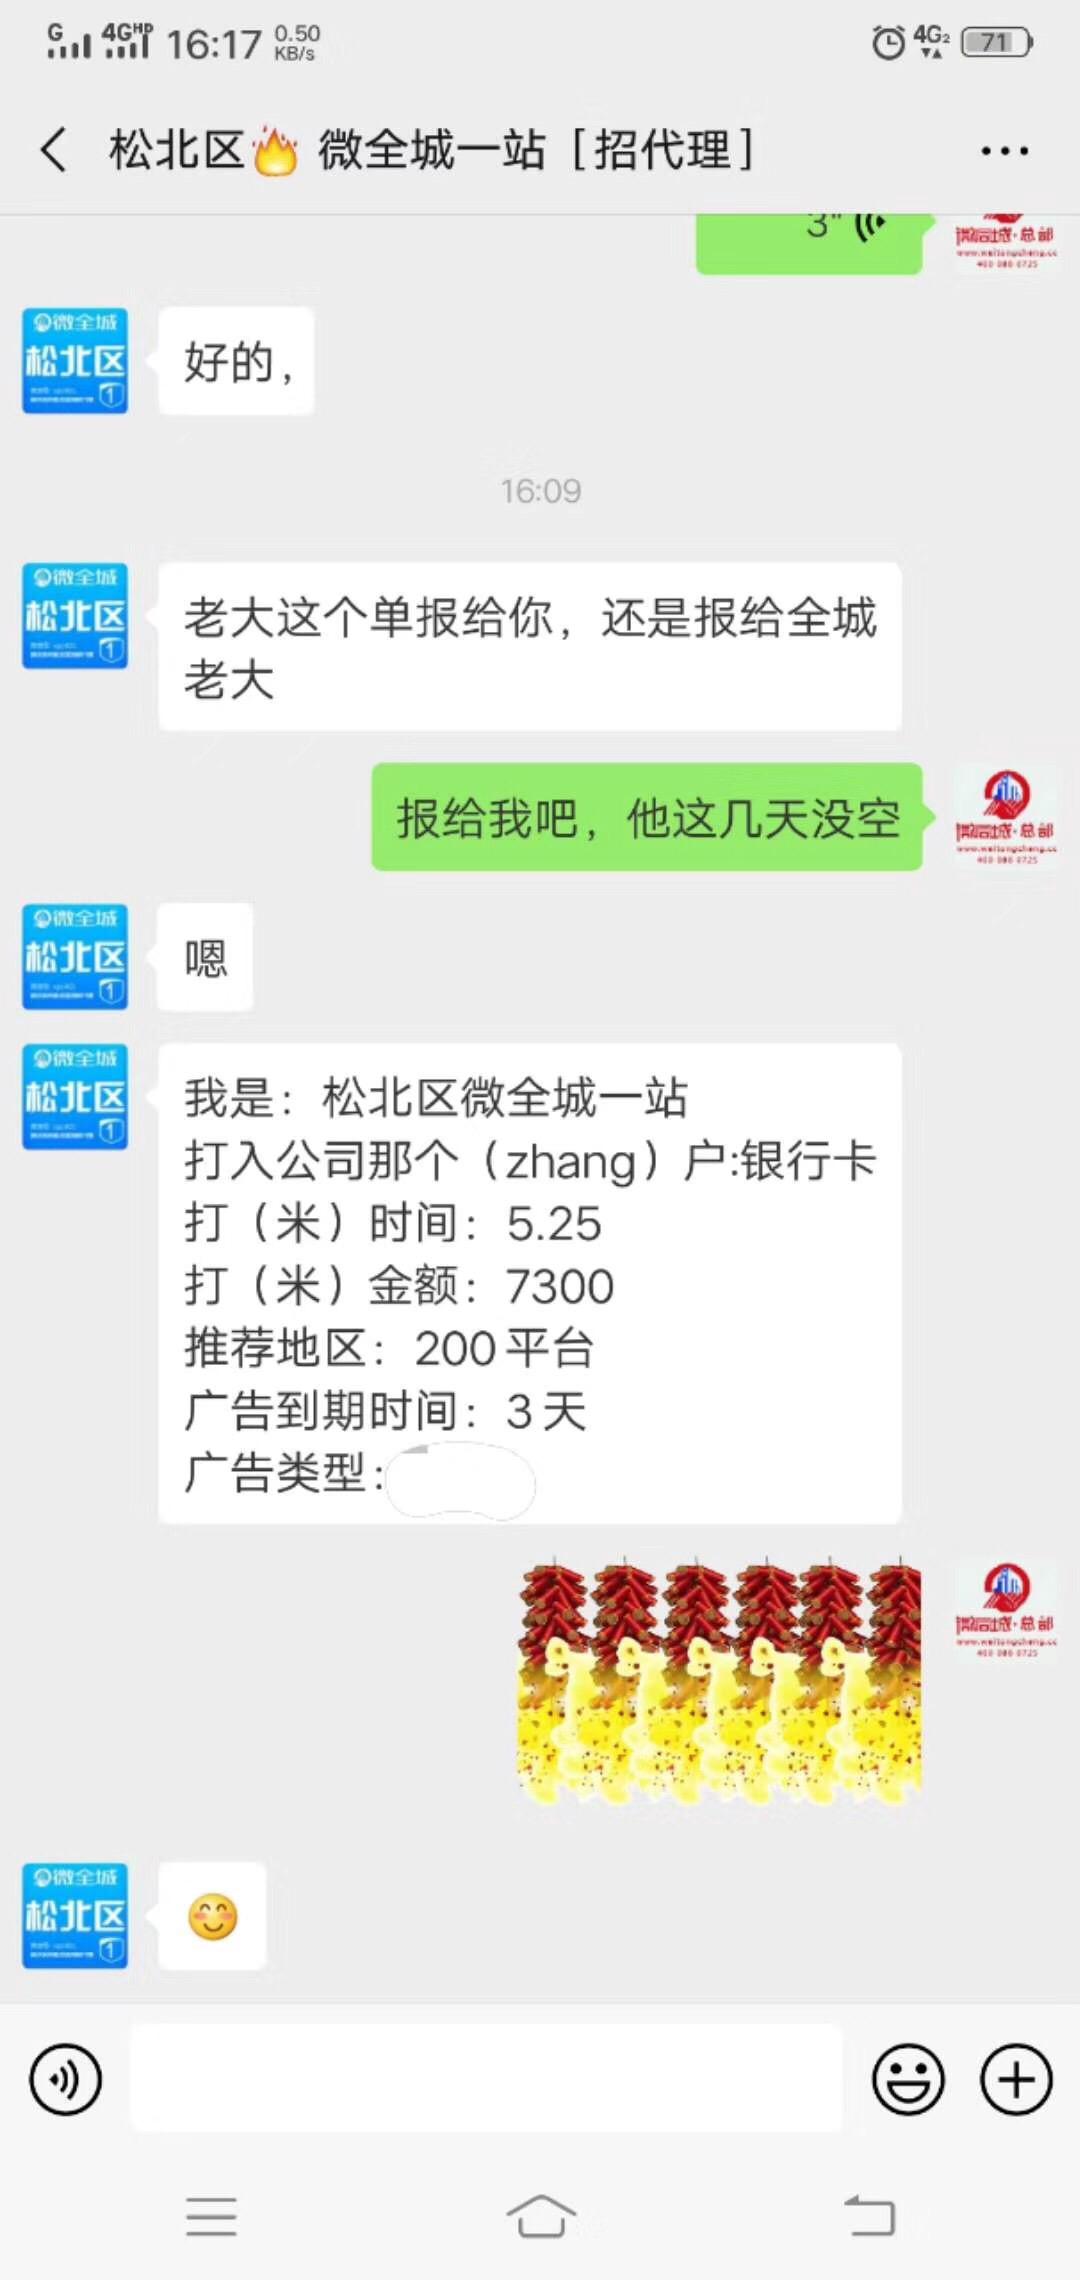 【又一商家推广200个平台】祝贺松北微全城微帮一站